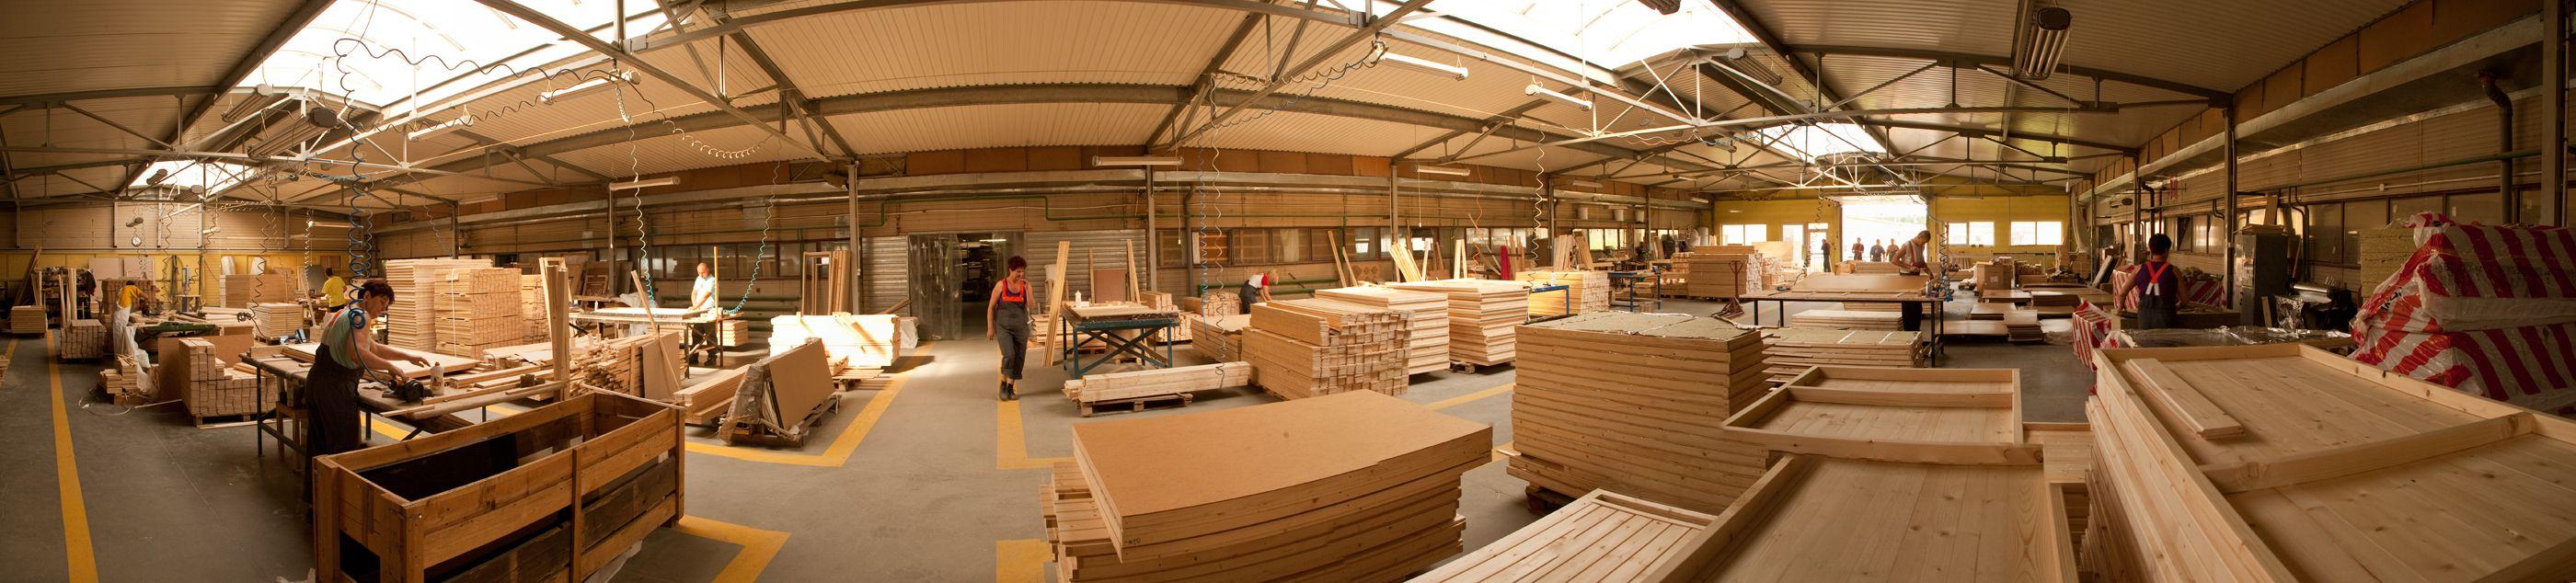 Zakład produkcyjny - hale